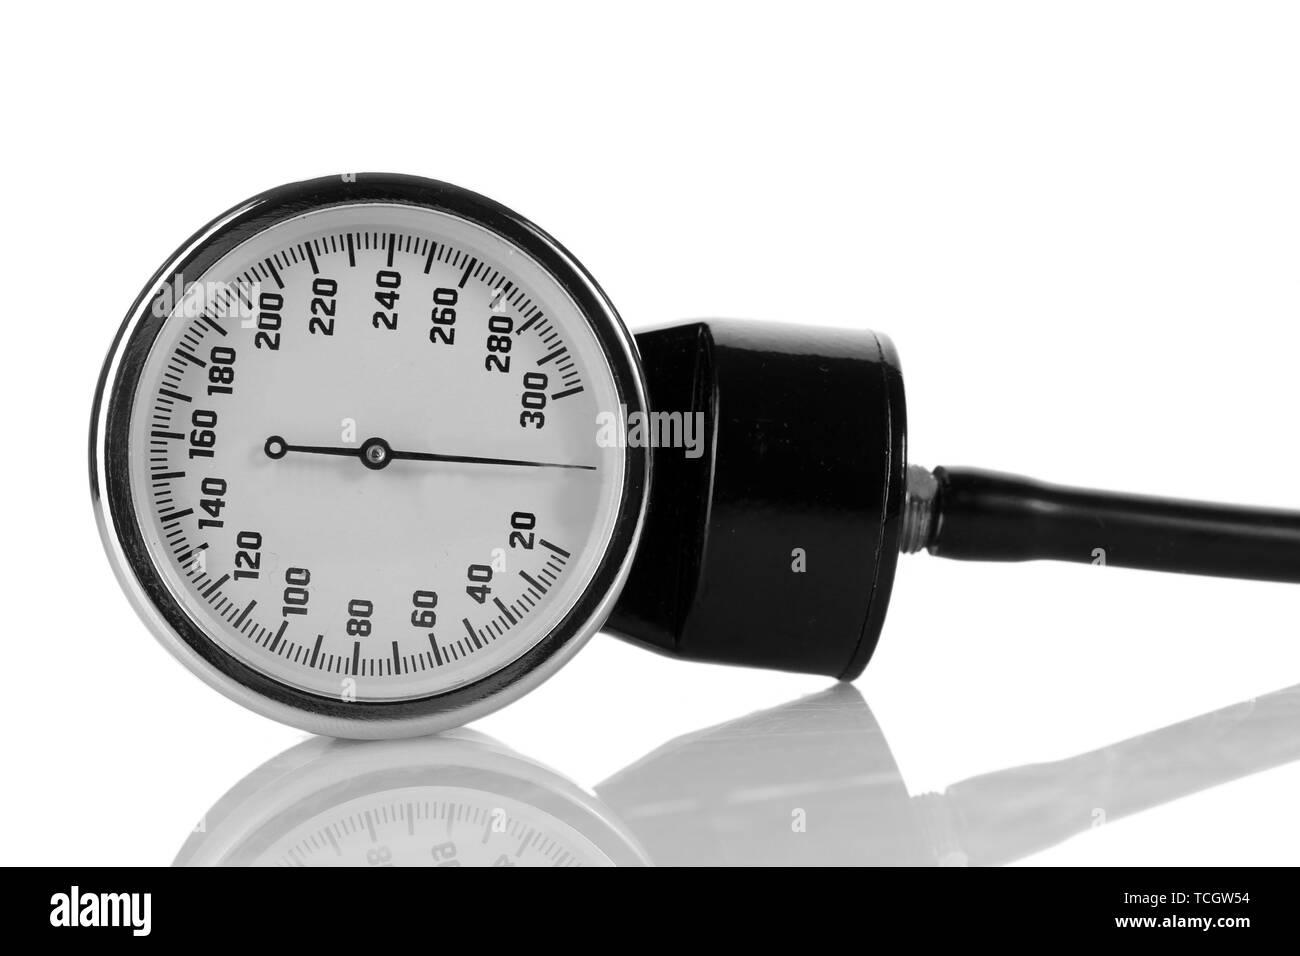 tonometer isolated on white - Stock Image